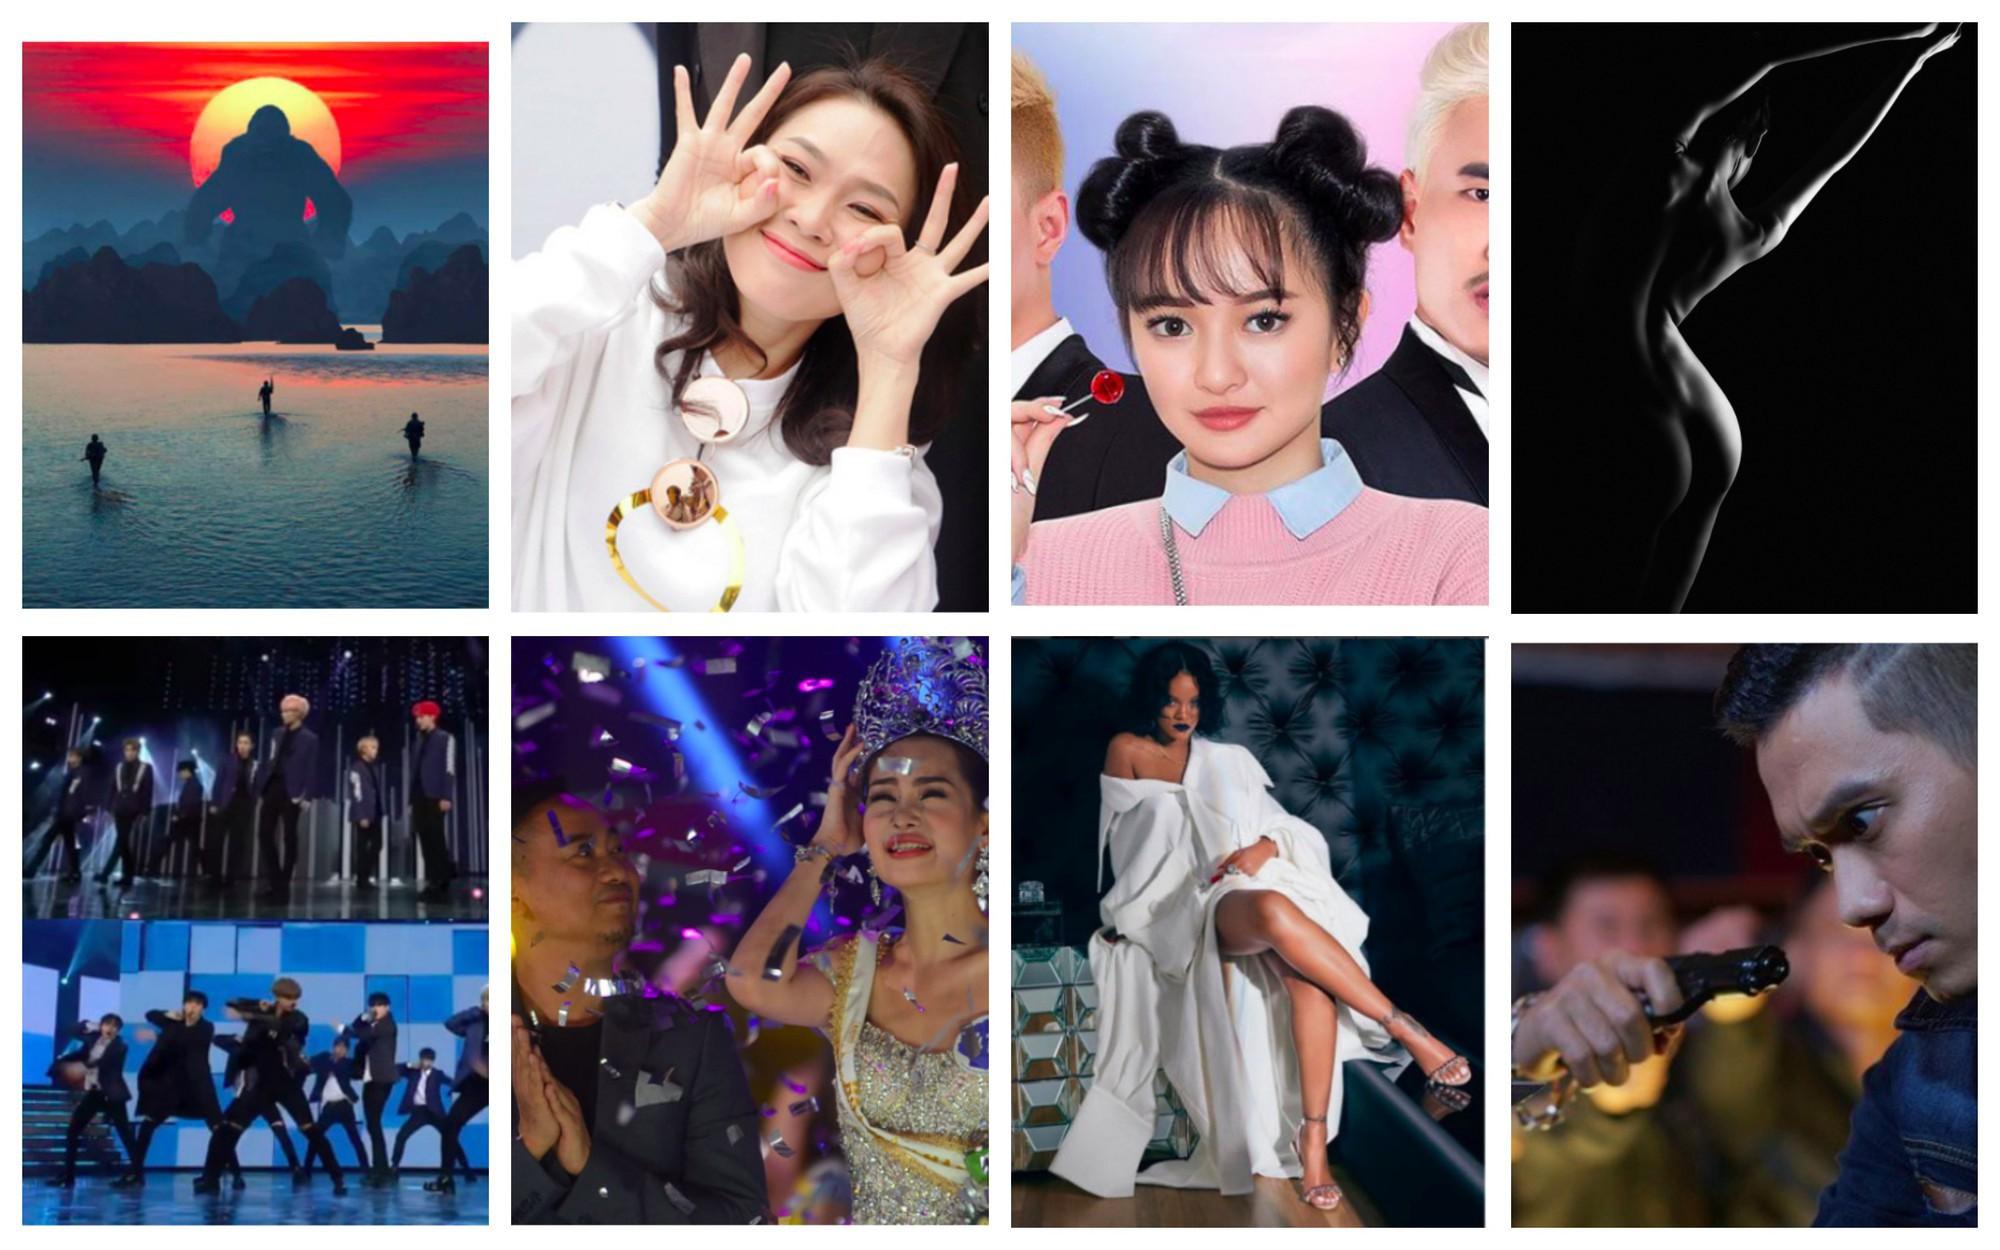 Đời sống văn hóa giải trí Việt - cuối năm nhìn lại